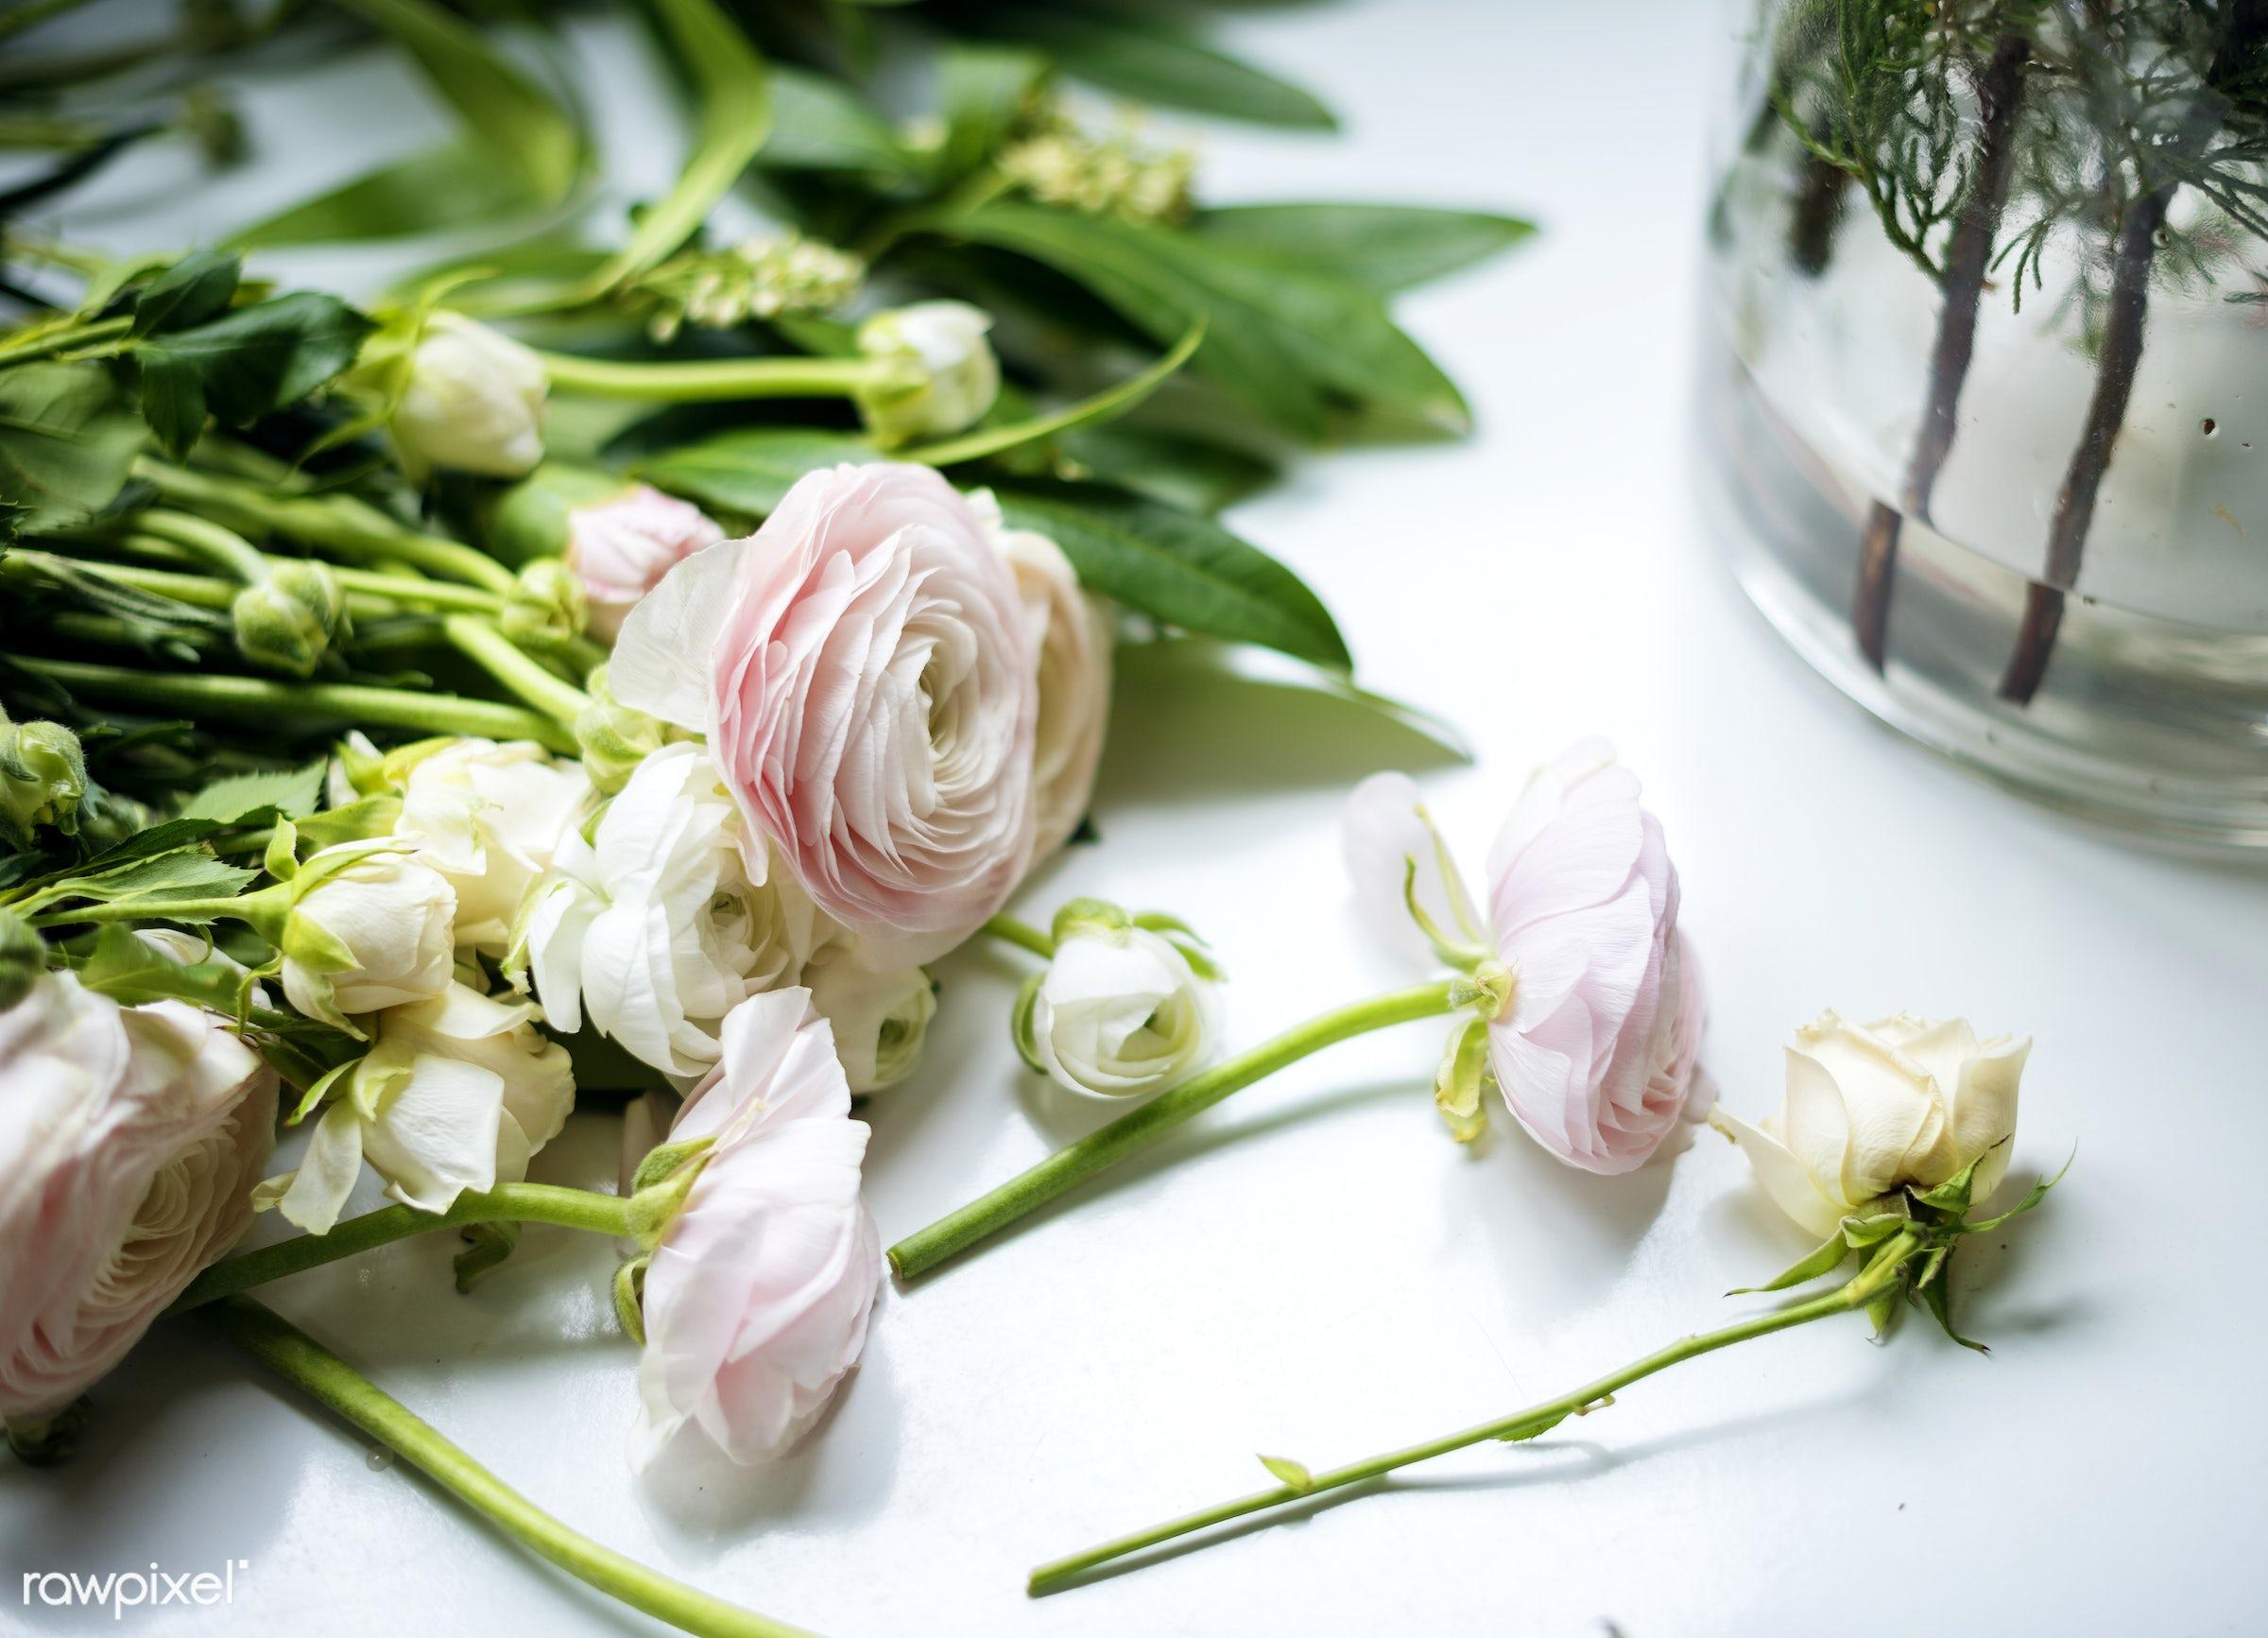 Fresh Roses Flowers Arrangement Decorative - shop, nobody, festive, ranunculus, detail, decorative, colorful, events, plants...